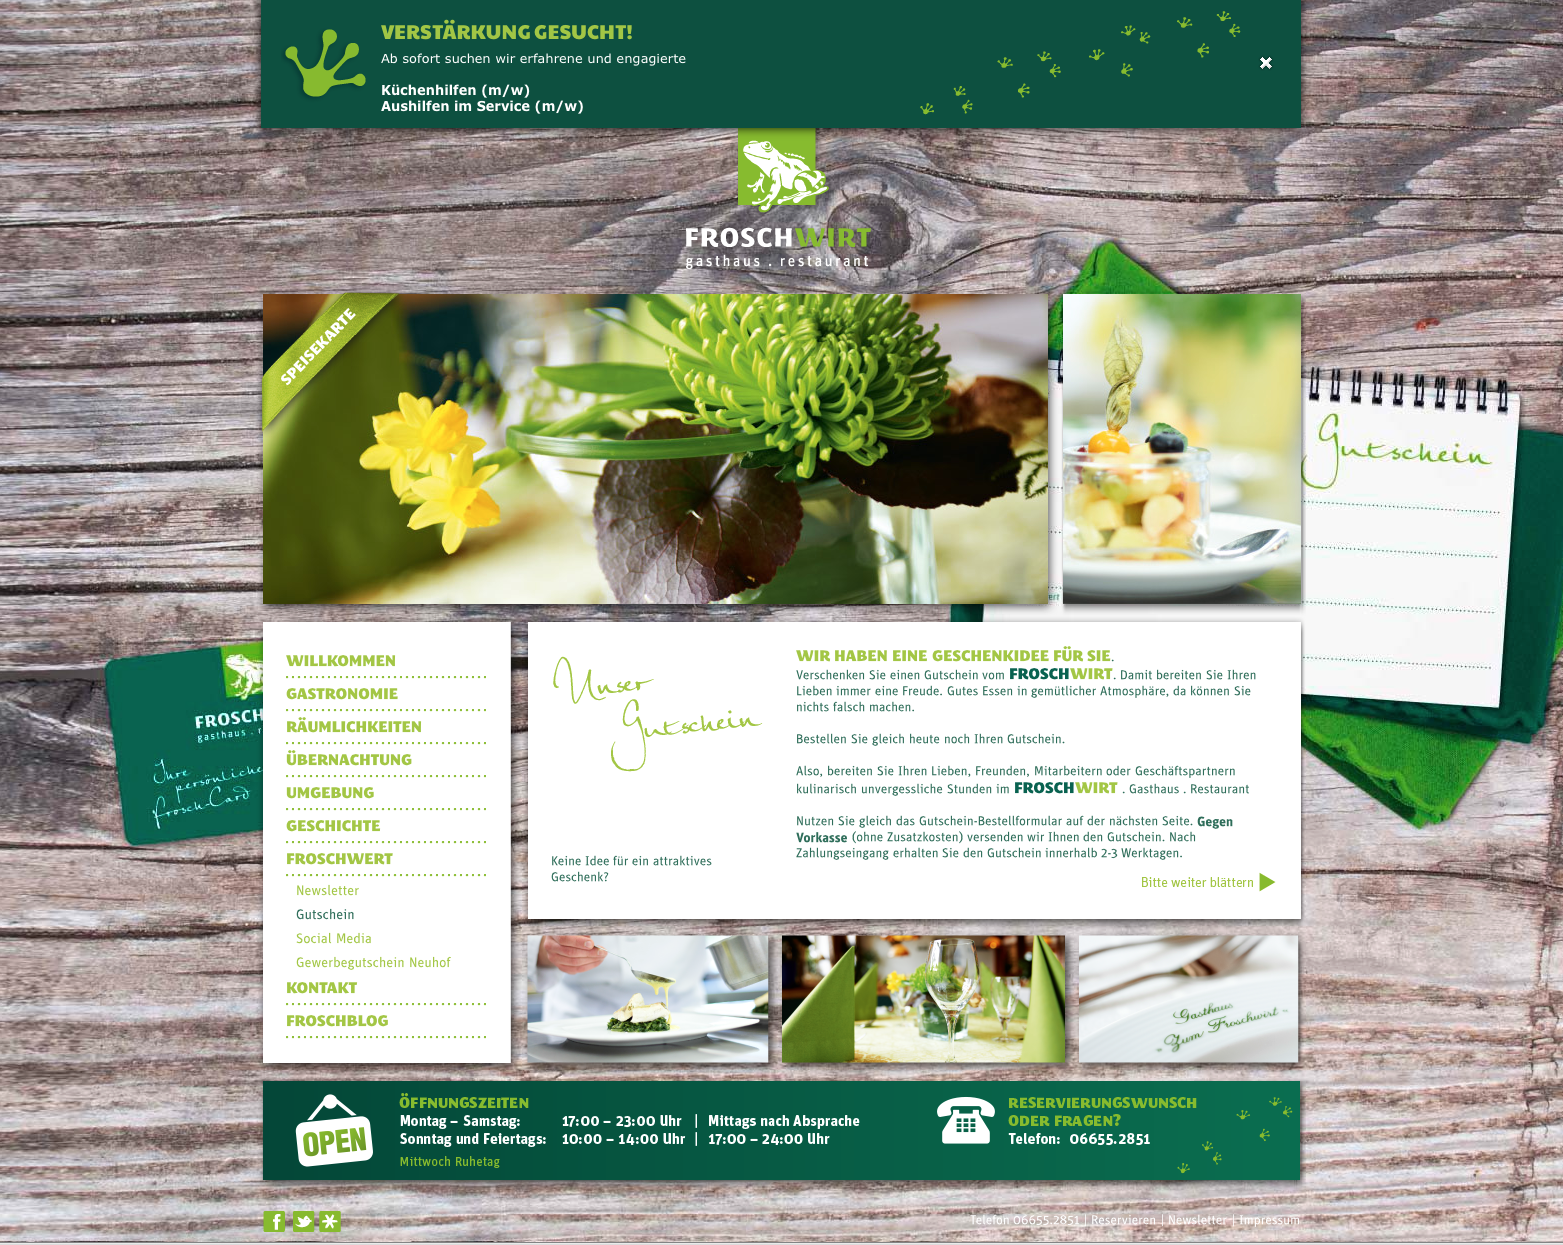 Die Kundenkarte auf der Website vom FROSCHWIRT